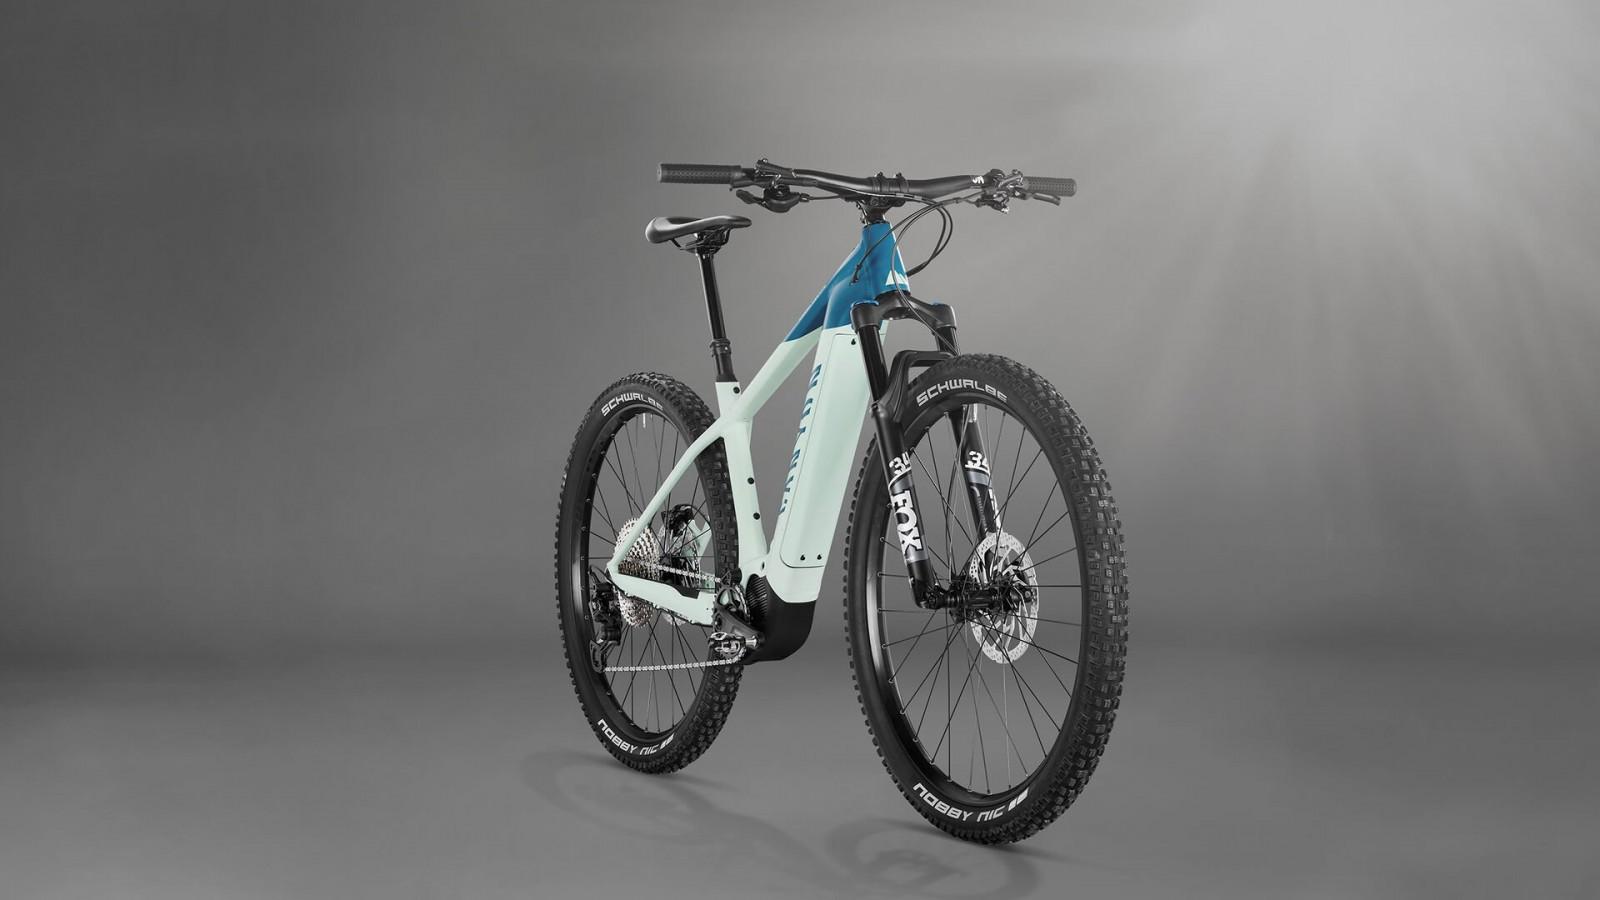 canyon-torque-on-2021-e-mtb/